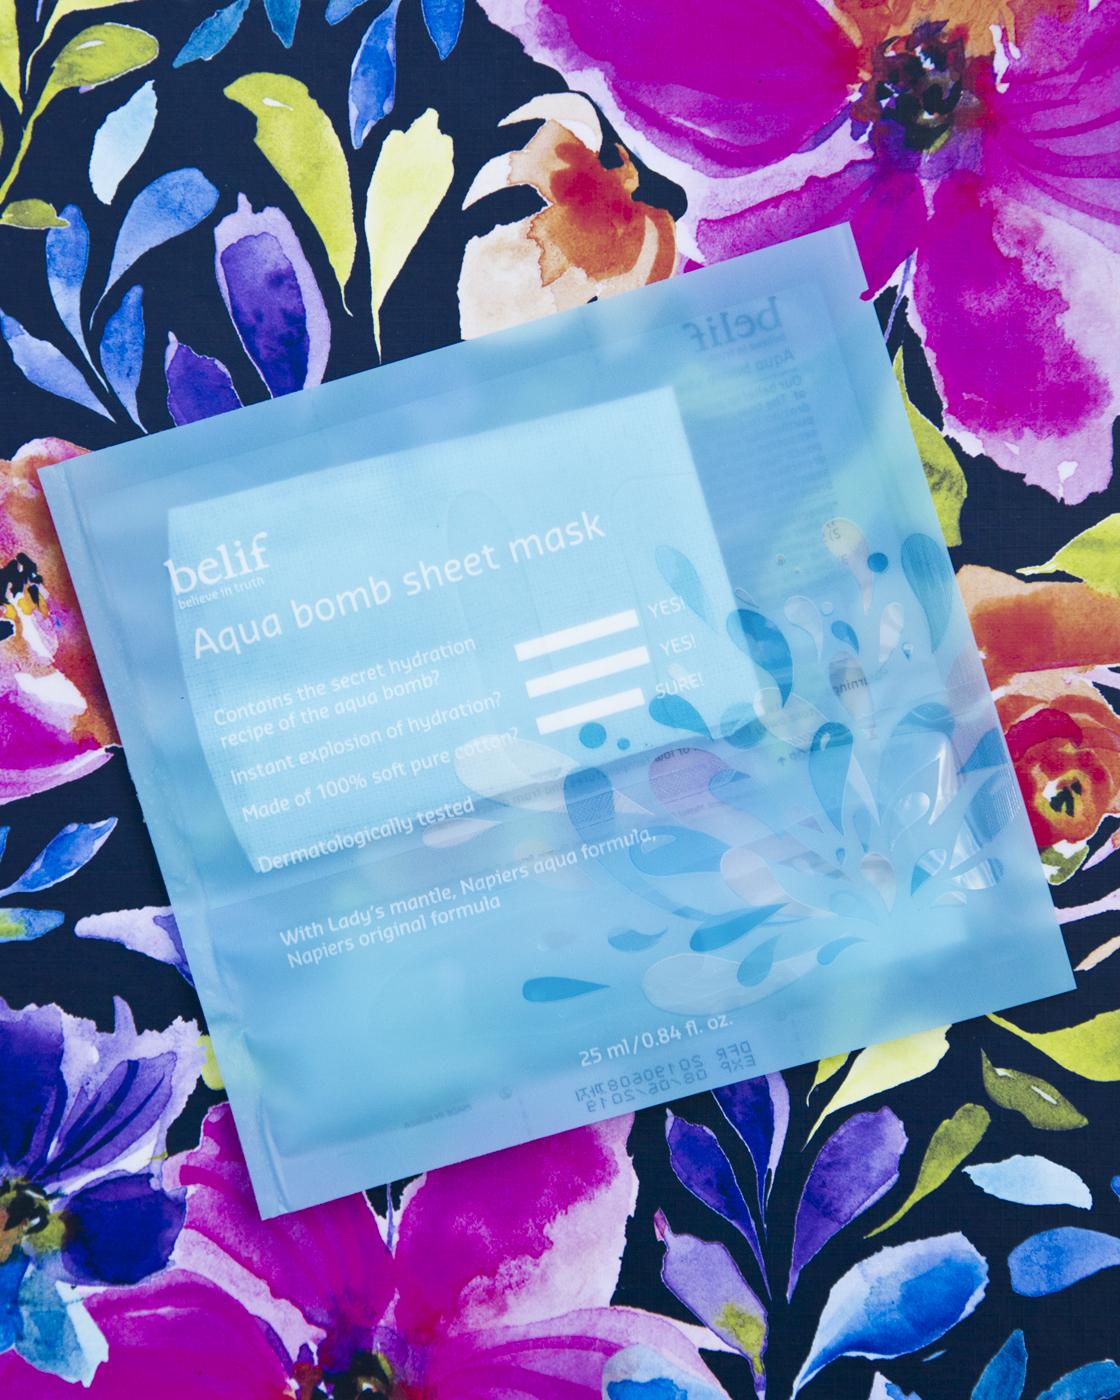 Belif Aqua Bomb Sheet Mask $8